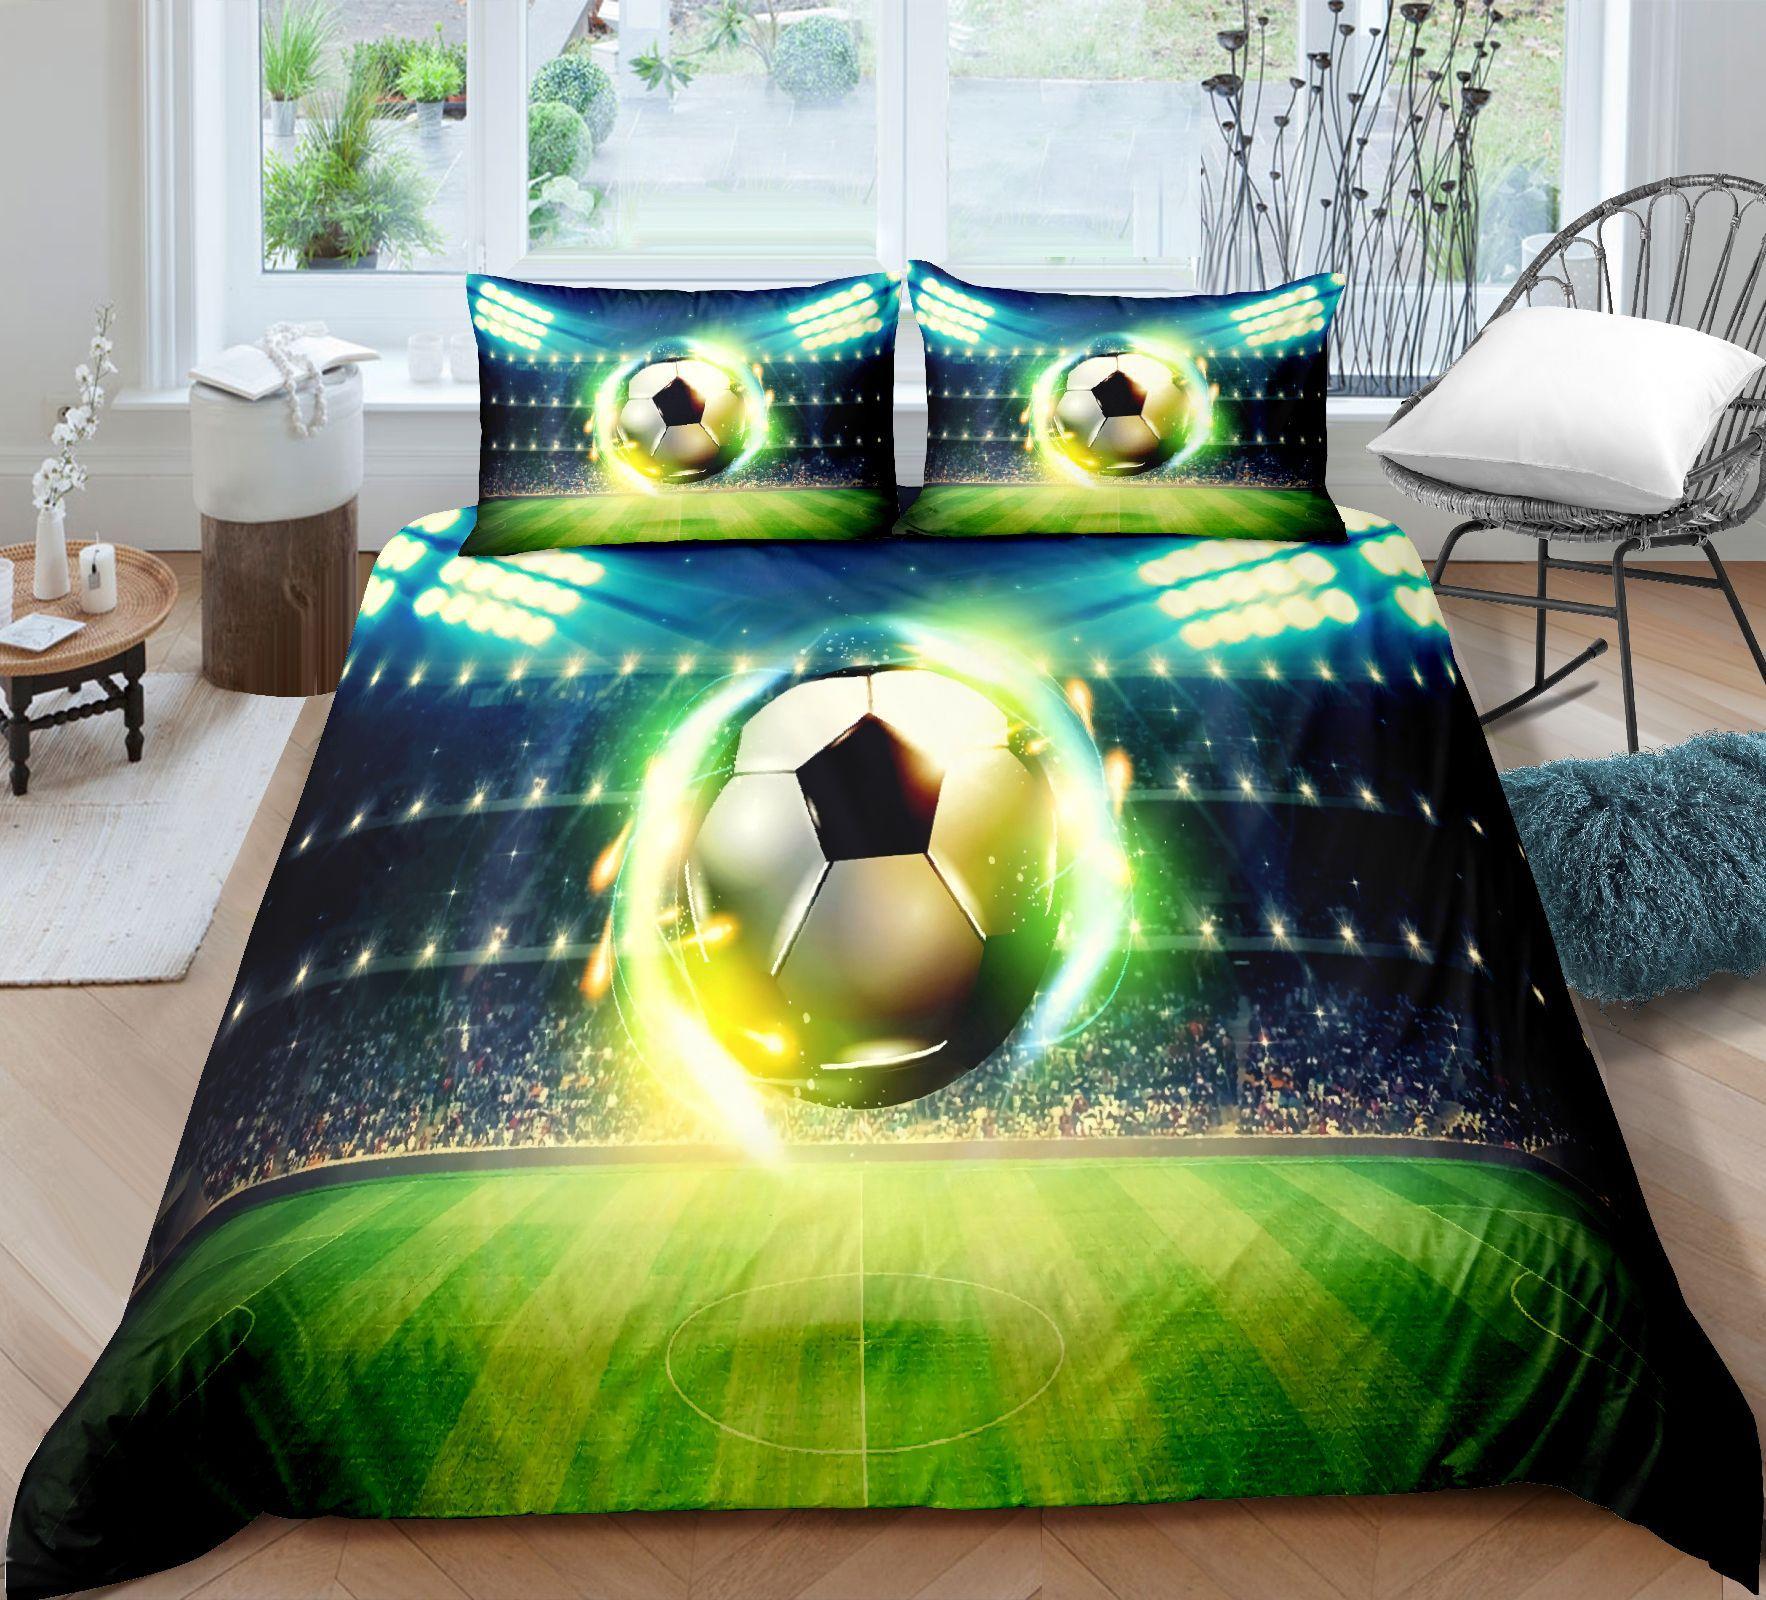 ثلاثية الأبعاد لكرة القدم طقم سرير كرة القدم المعزي مجموعة للأطفال كول حاف الغطاء خفيفة الوزن ديكور غرفة نوم طقم سرير